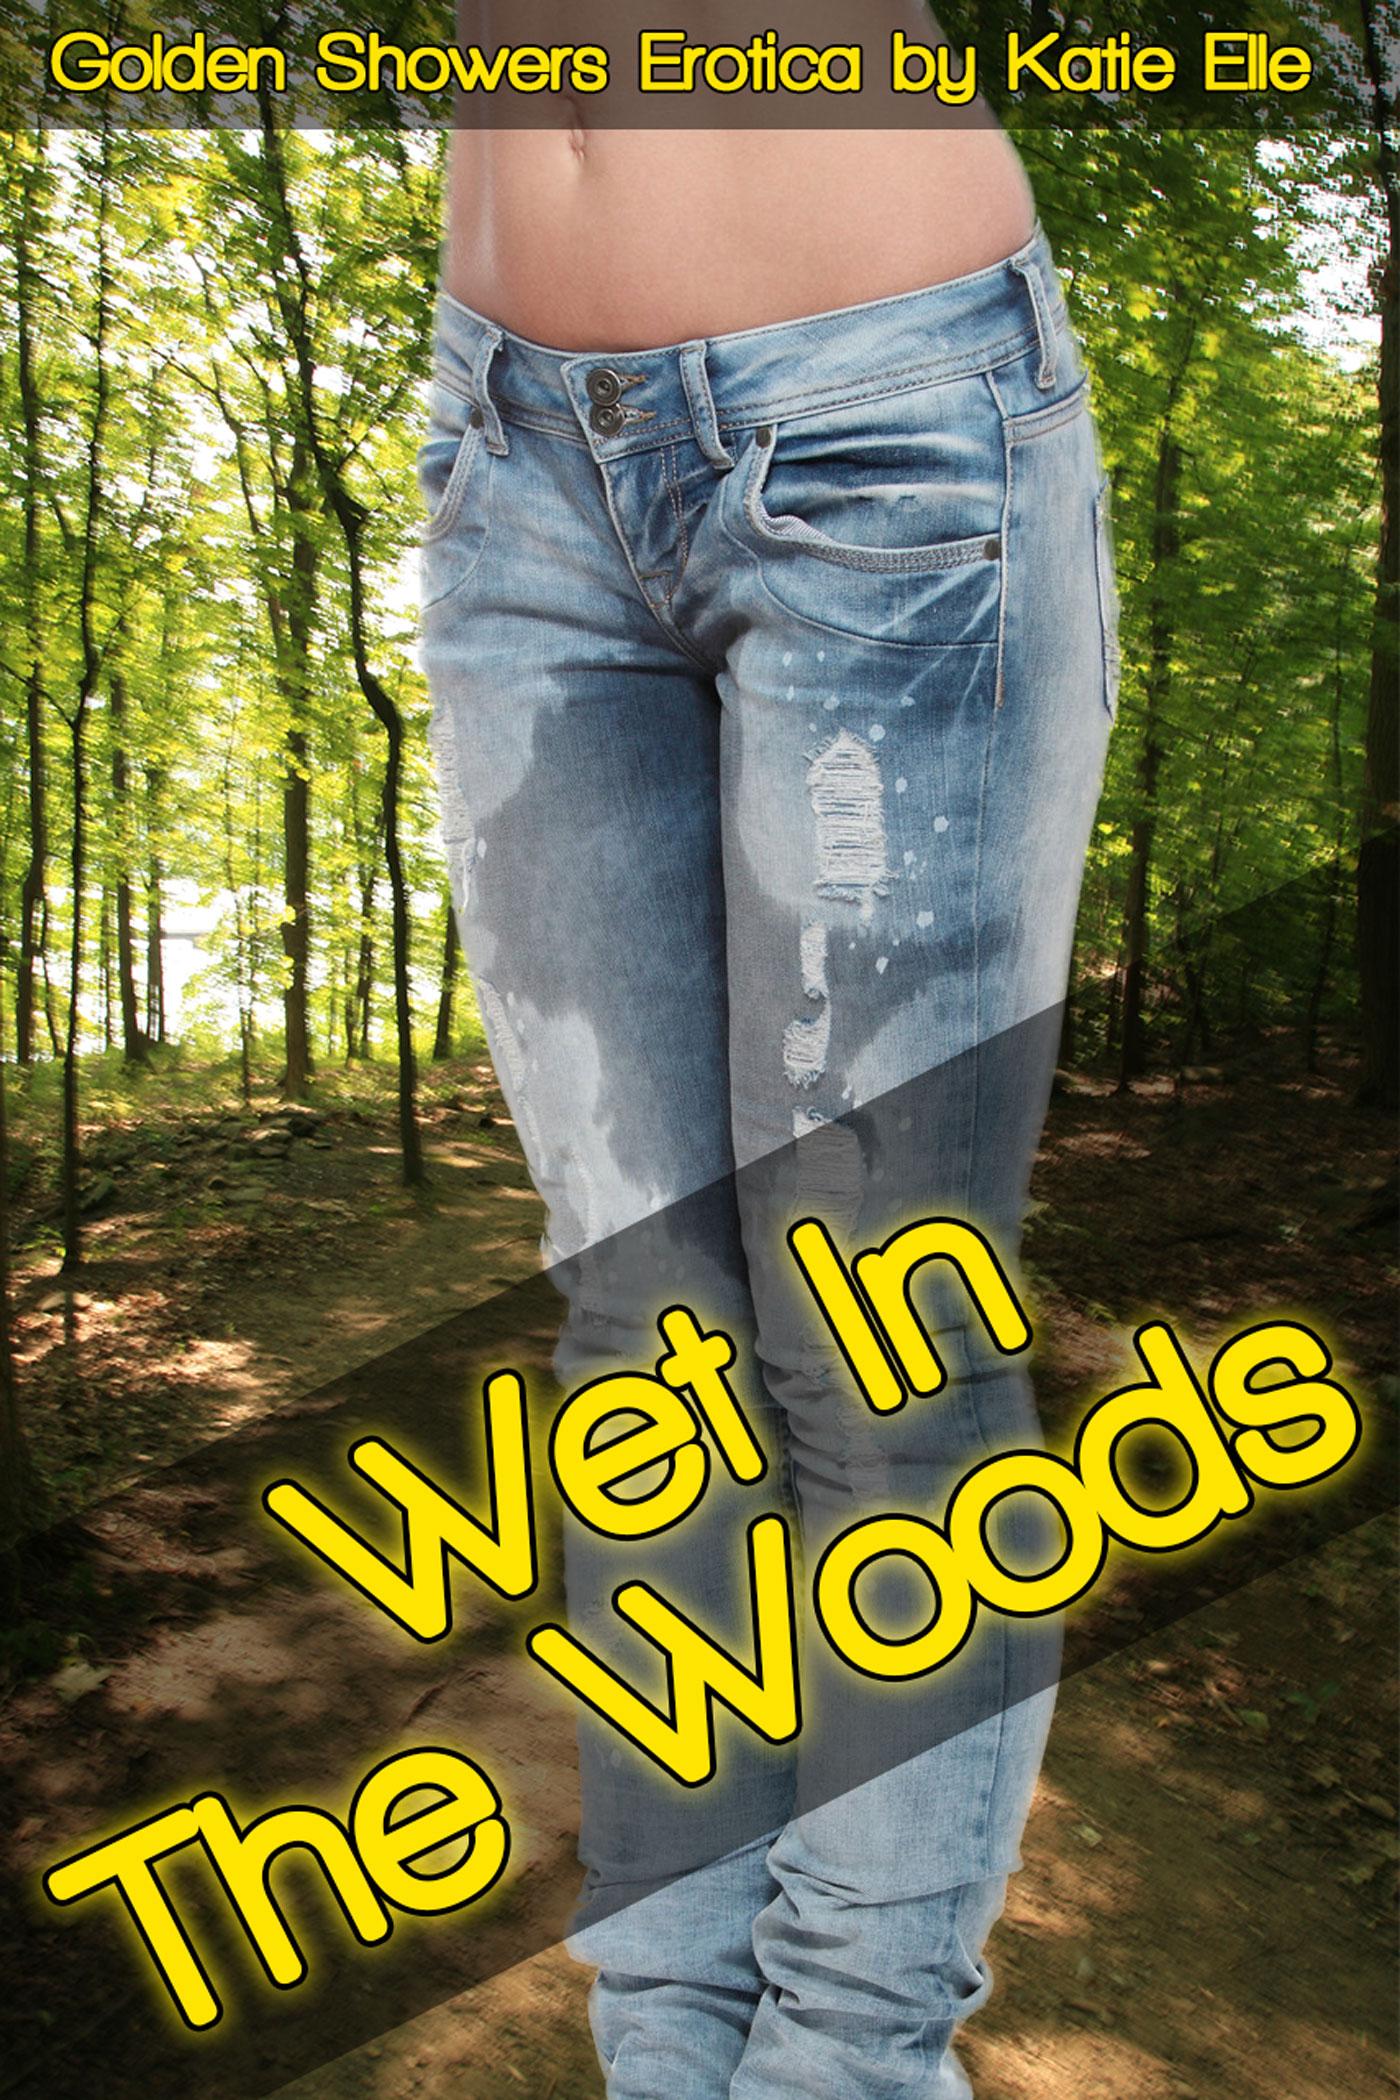 Katie Elle - Wet in the Woods